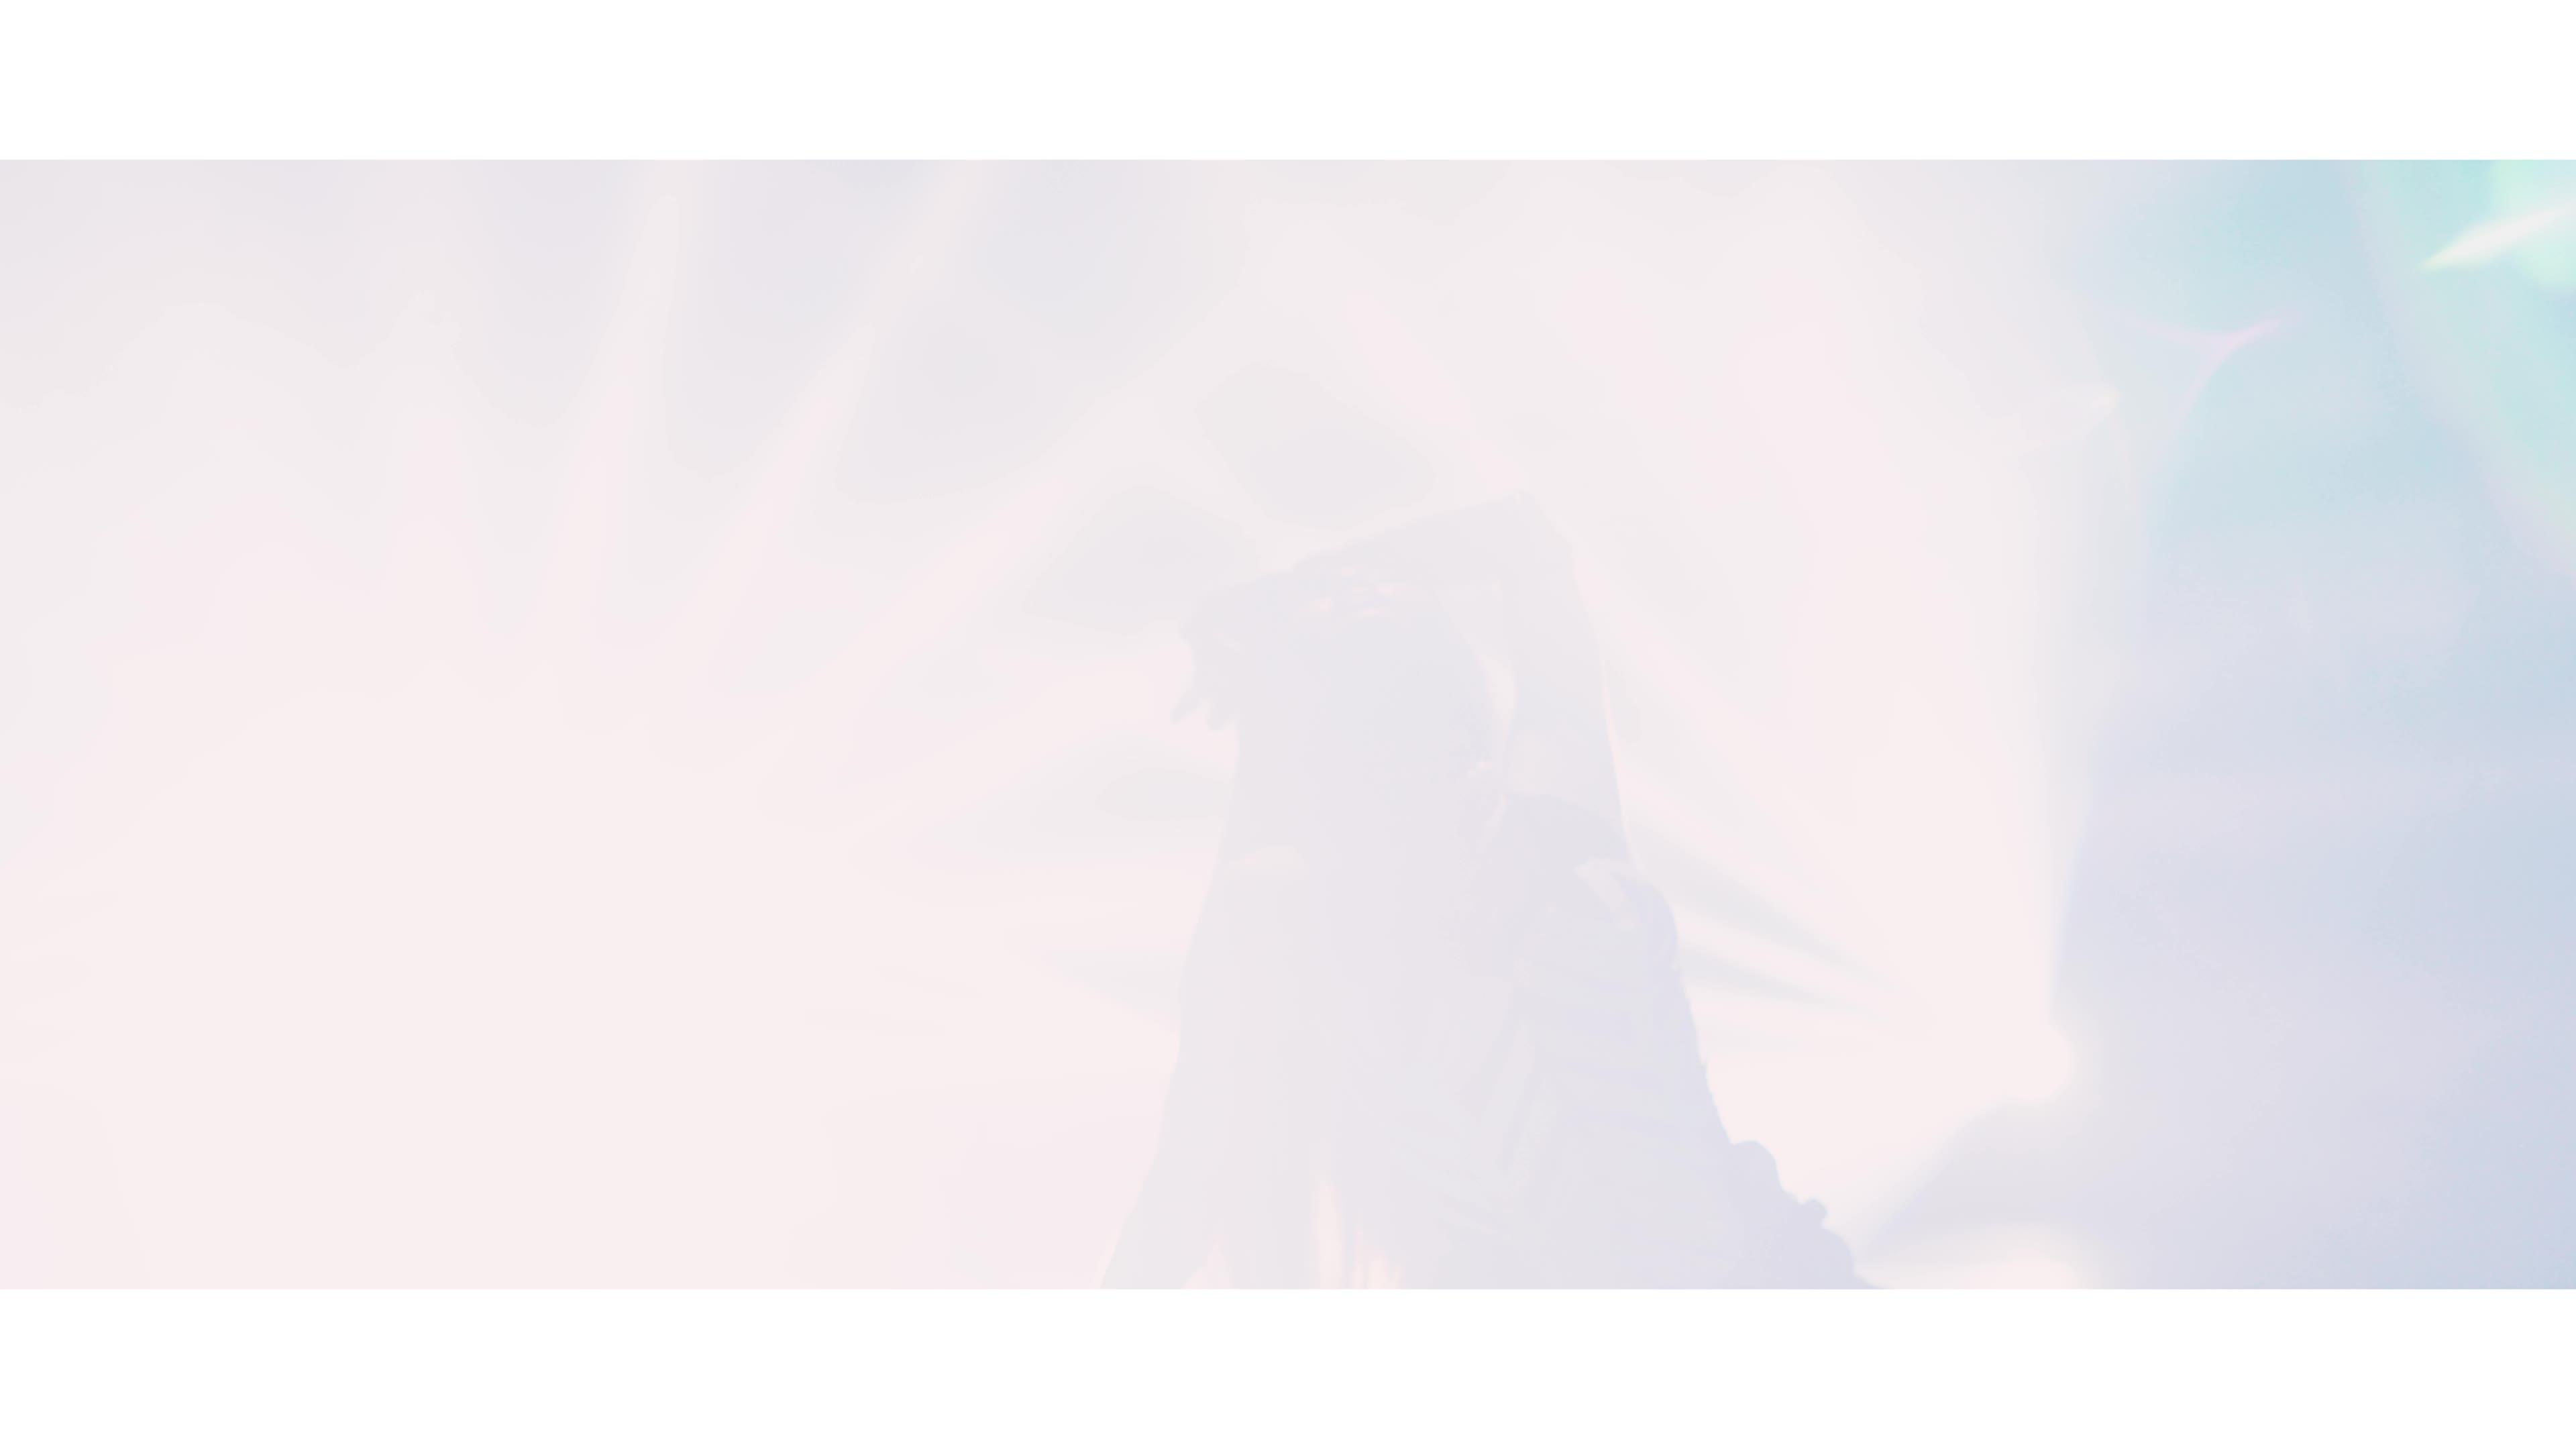 """청하(CHUNG HA) - """"Stay Tonight"""" MUSIC VIDEO"""